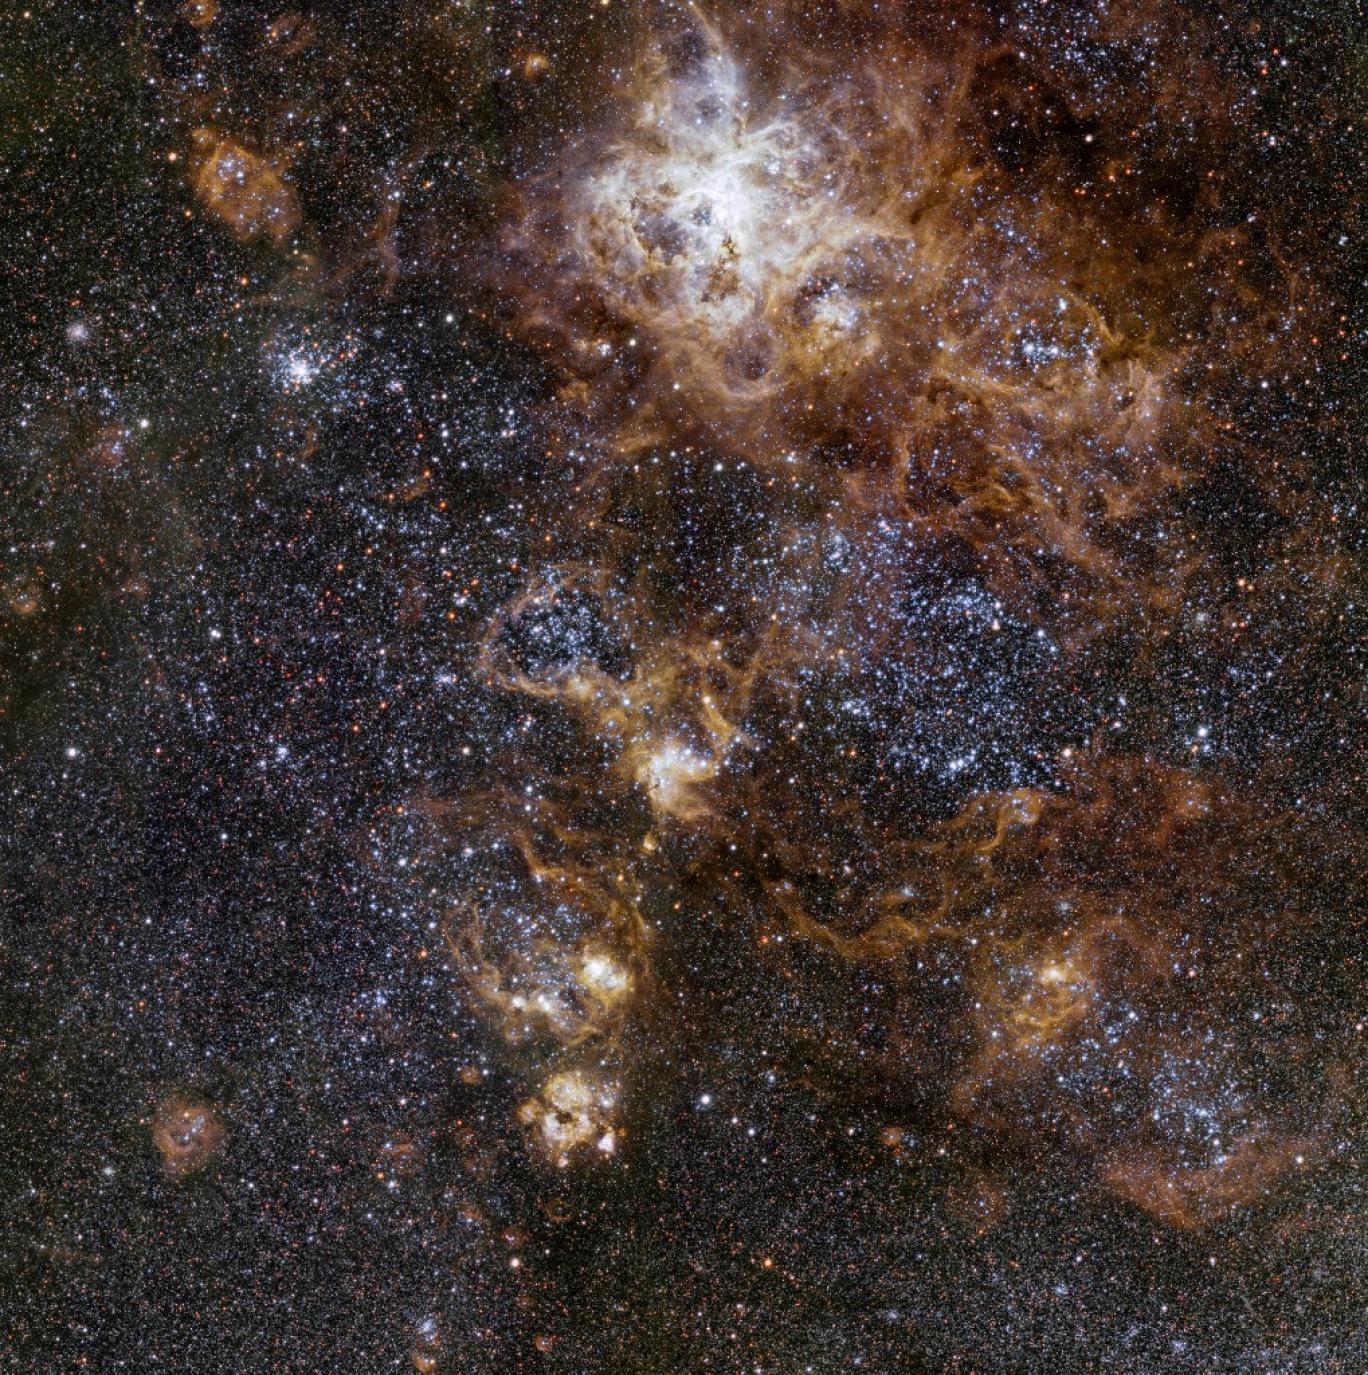 ستاره شناسان شاهد مرگ کهکشان هستند